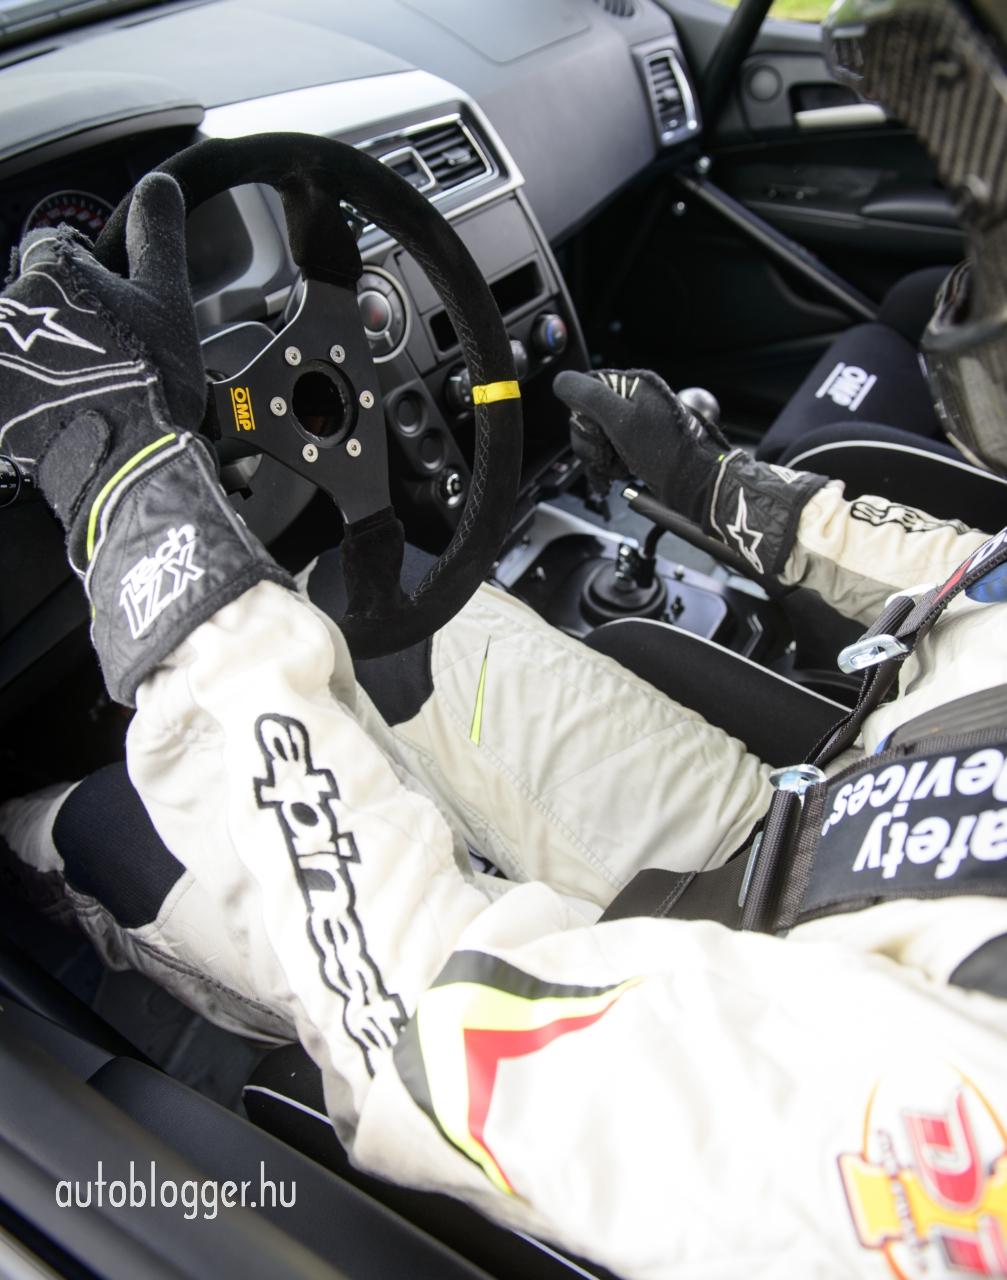 SsangYong-Rallycross-Cup-SRX-5-1-1007x1280